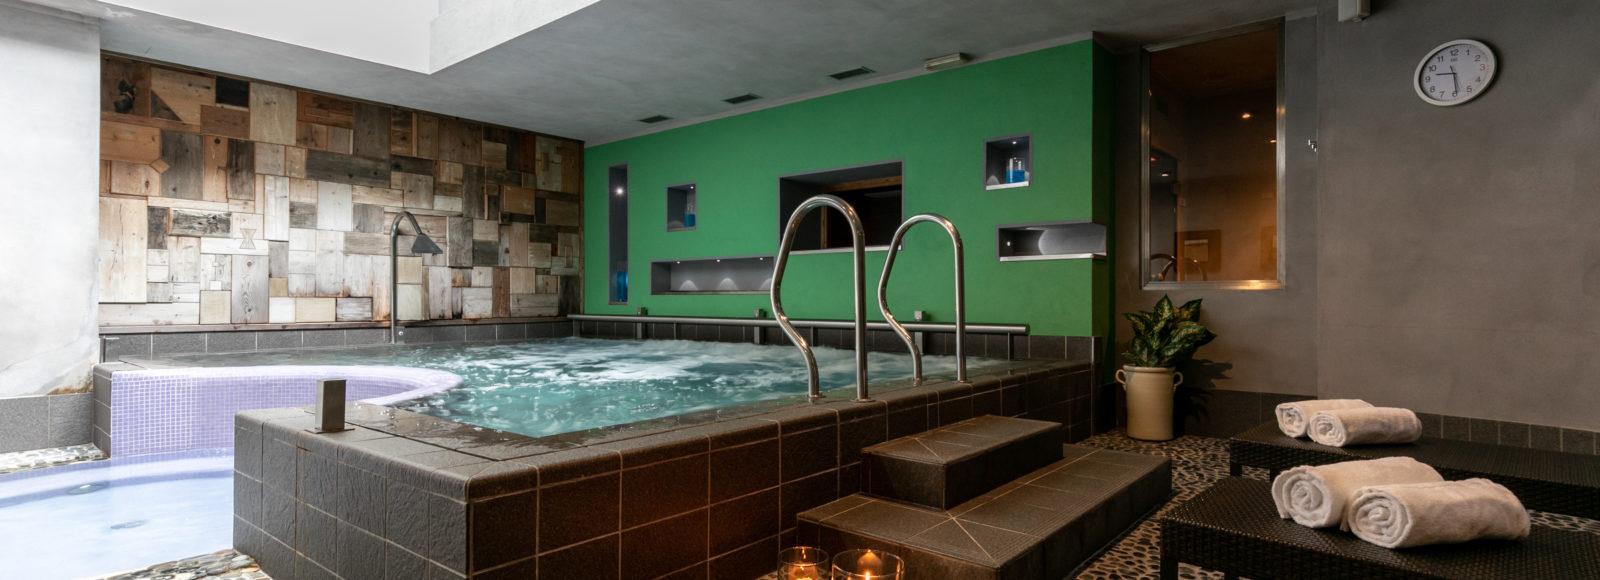 Vasca idromassaggio - centro benessere IsolaWellness - Hotel Isolabella - Primiero - Trentino